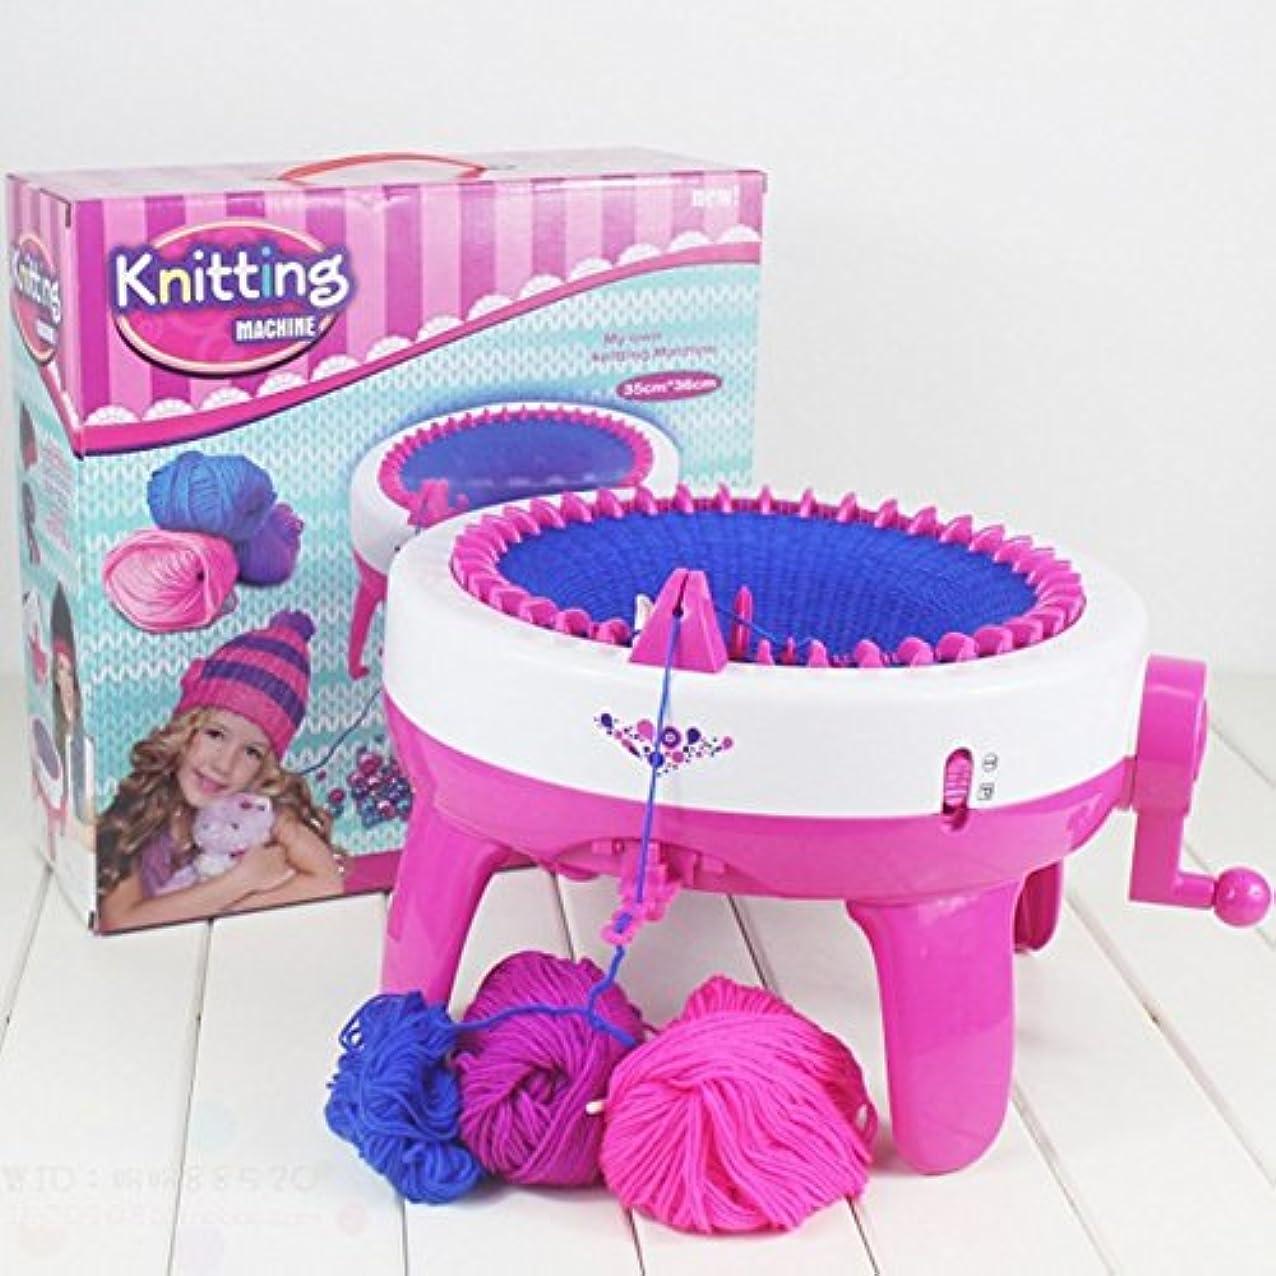 身元柔らかさリムSaikogoods おかしいデザイン子供女の子編機DIYマニュアル帽子スカーフ編み機ニットセーターのおもちゃ子供のための ピンク&ホワイト